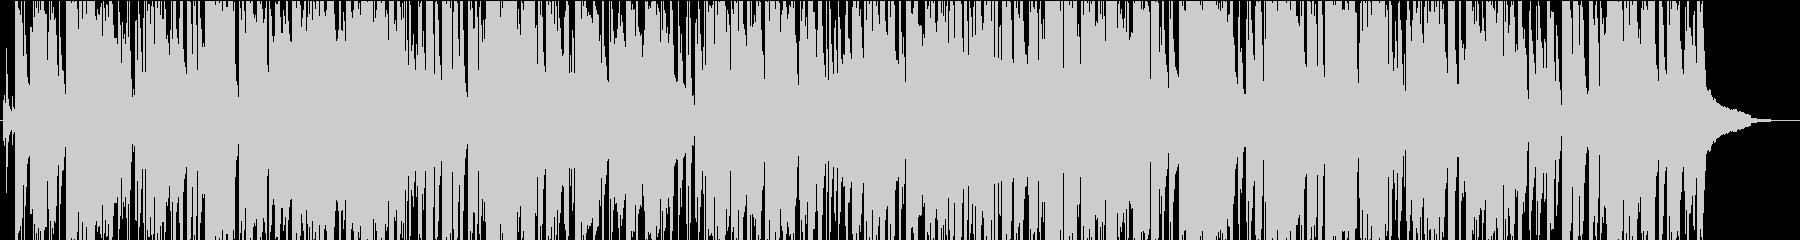 サックスの音色が魅力的なジャズ、おしゃれの未再生の波形